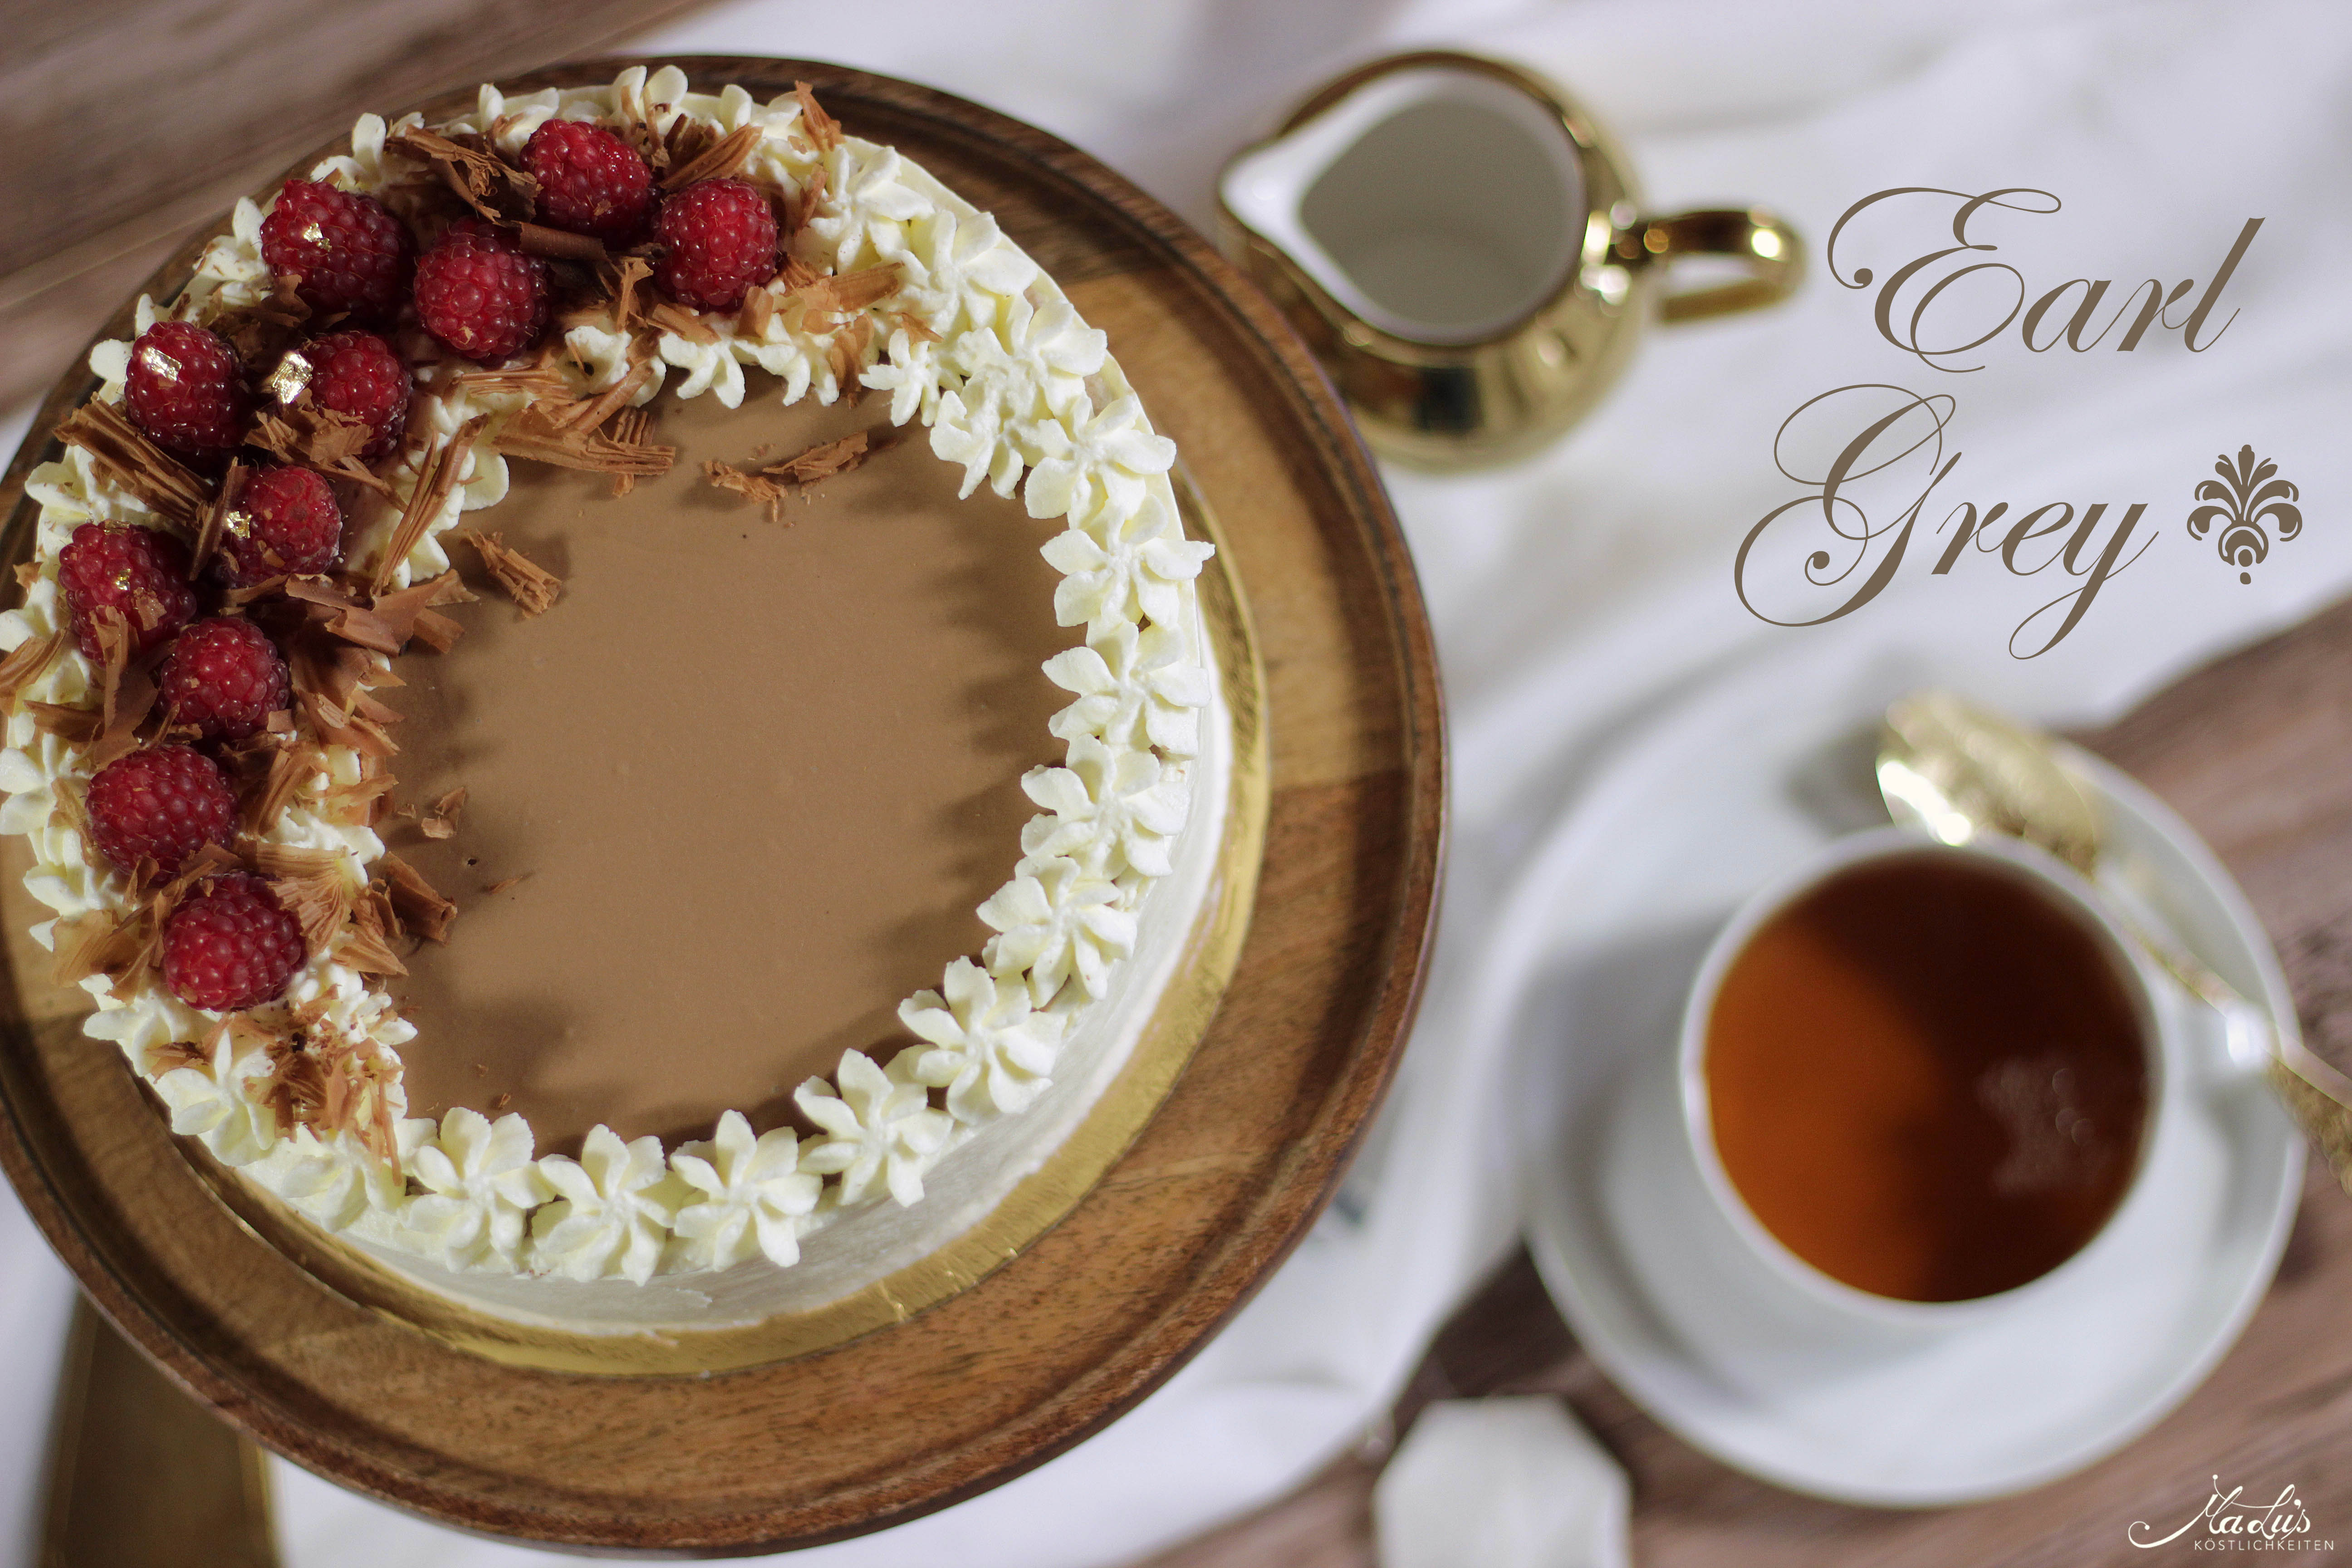 Earl Grey Schokoladentorte mit Himbeeren